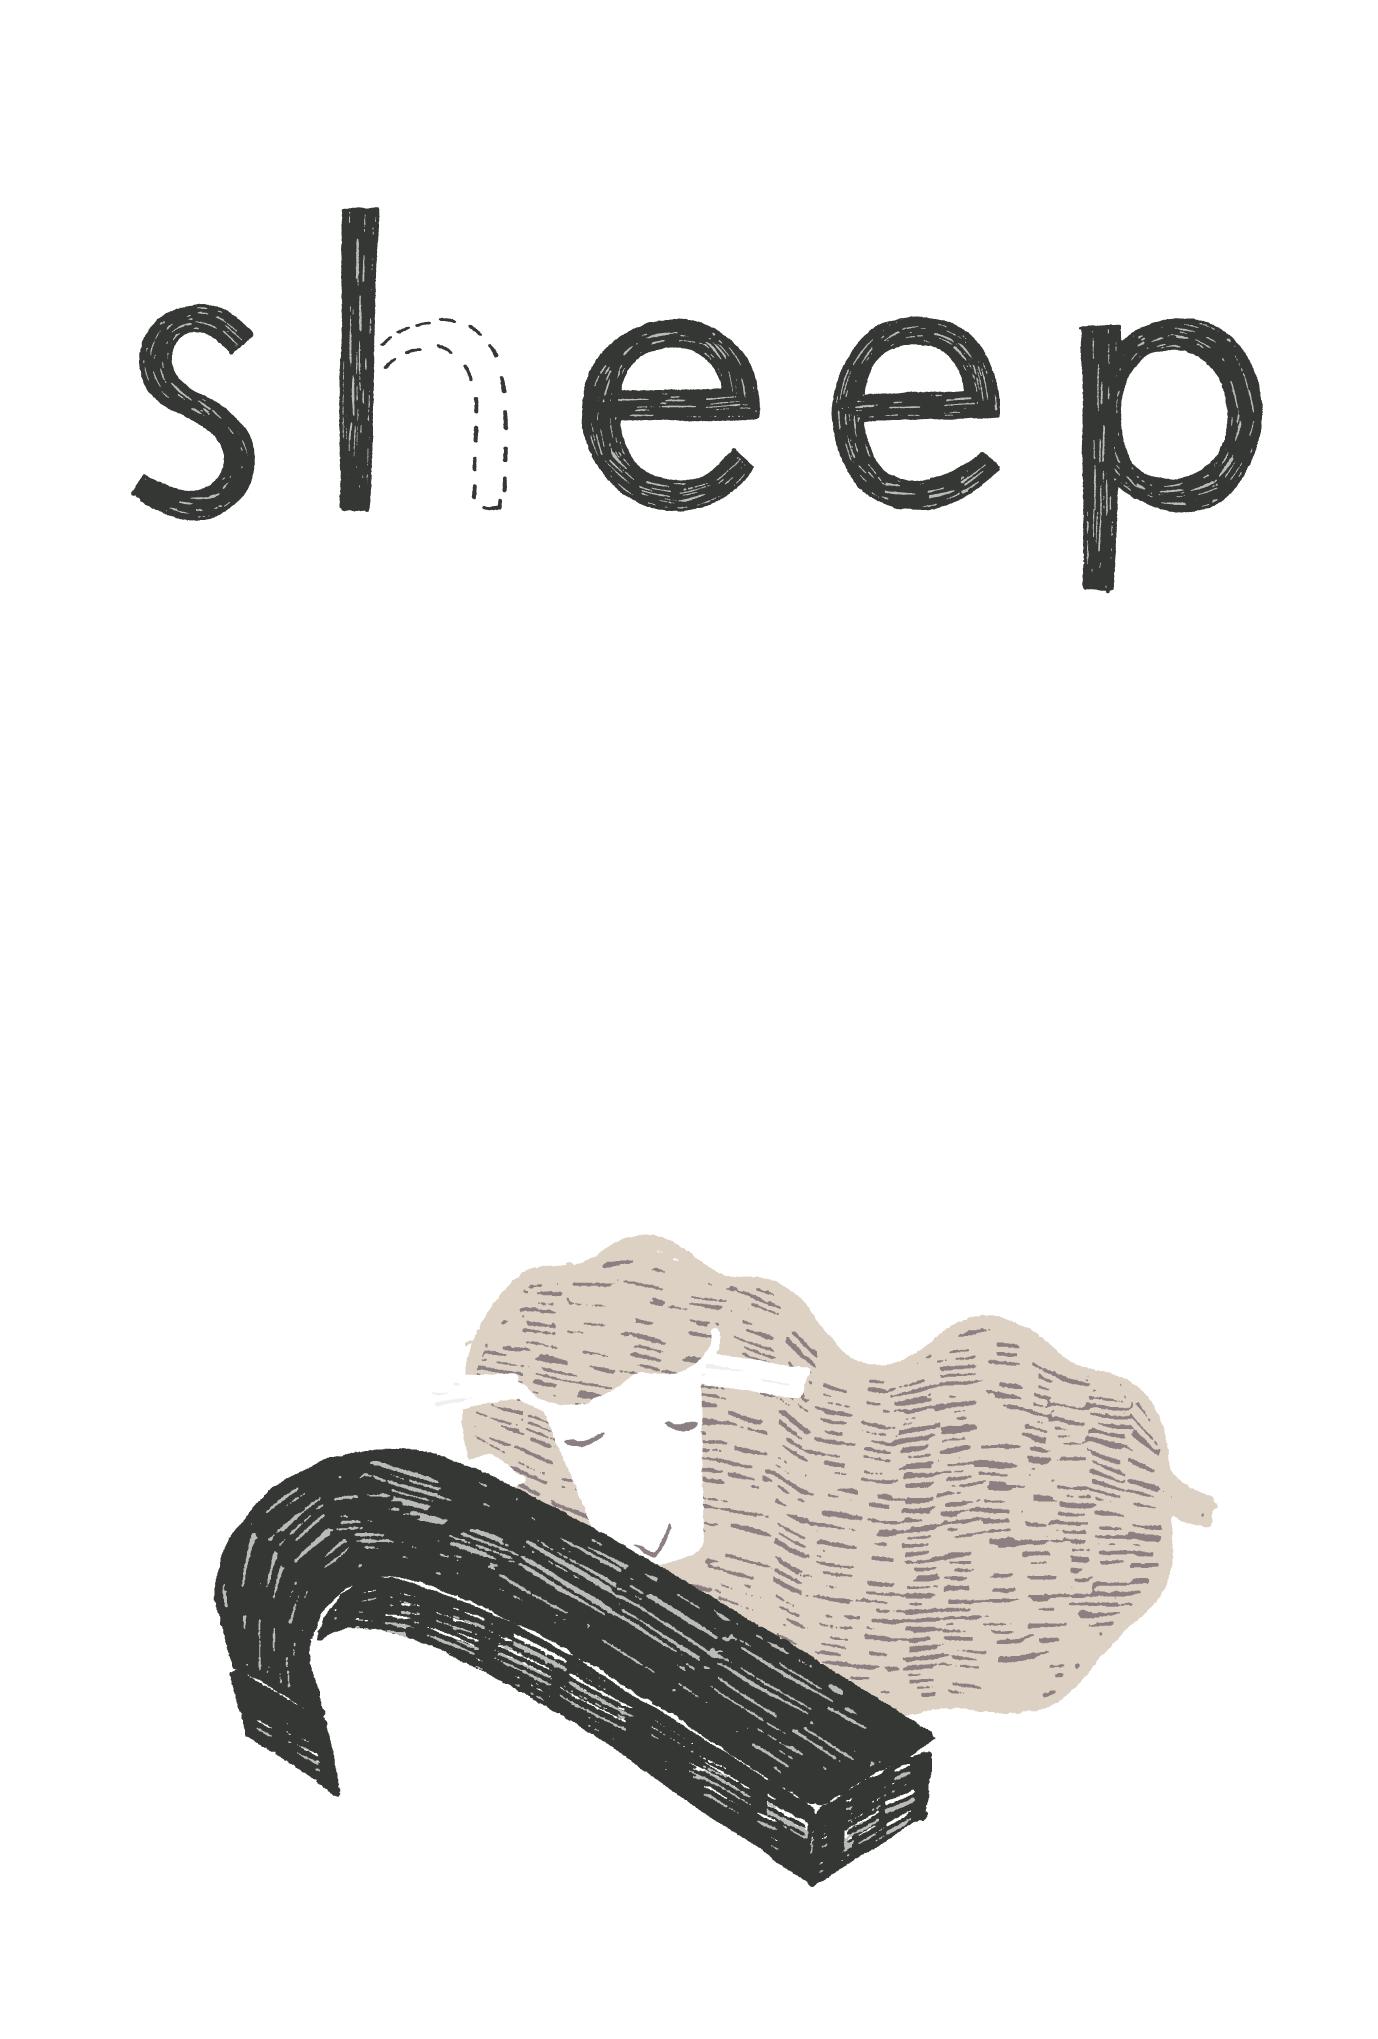 2015年賀状17-2:Sheep, Sleep / 縦 2のダウンロード画像